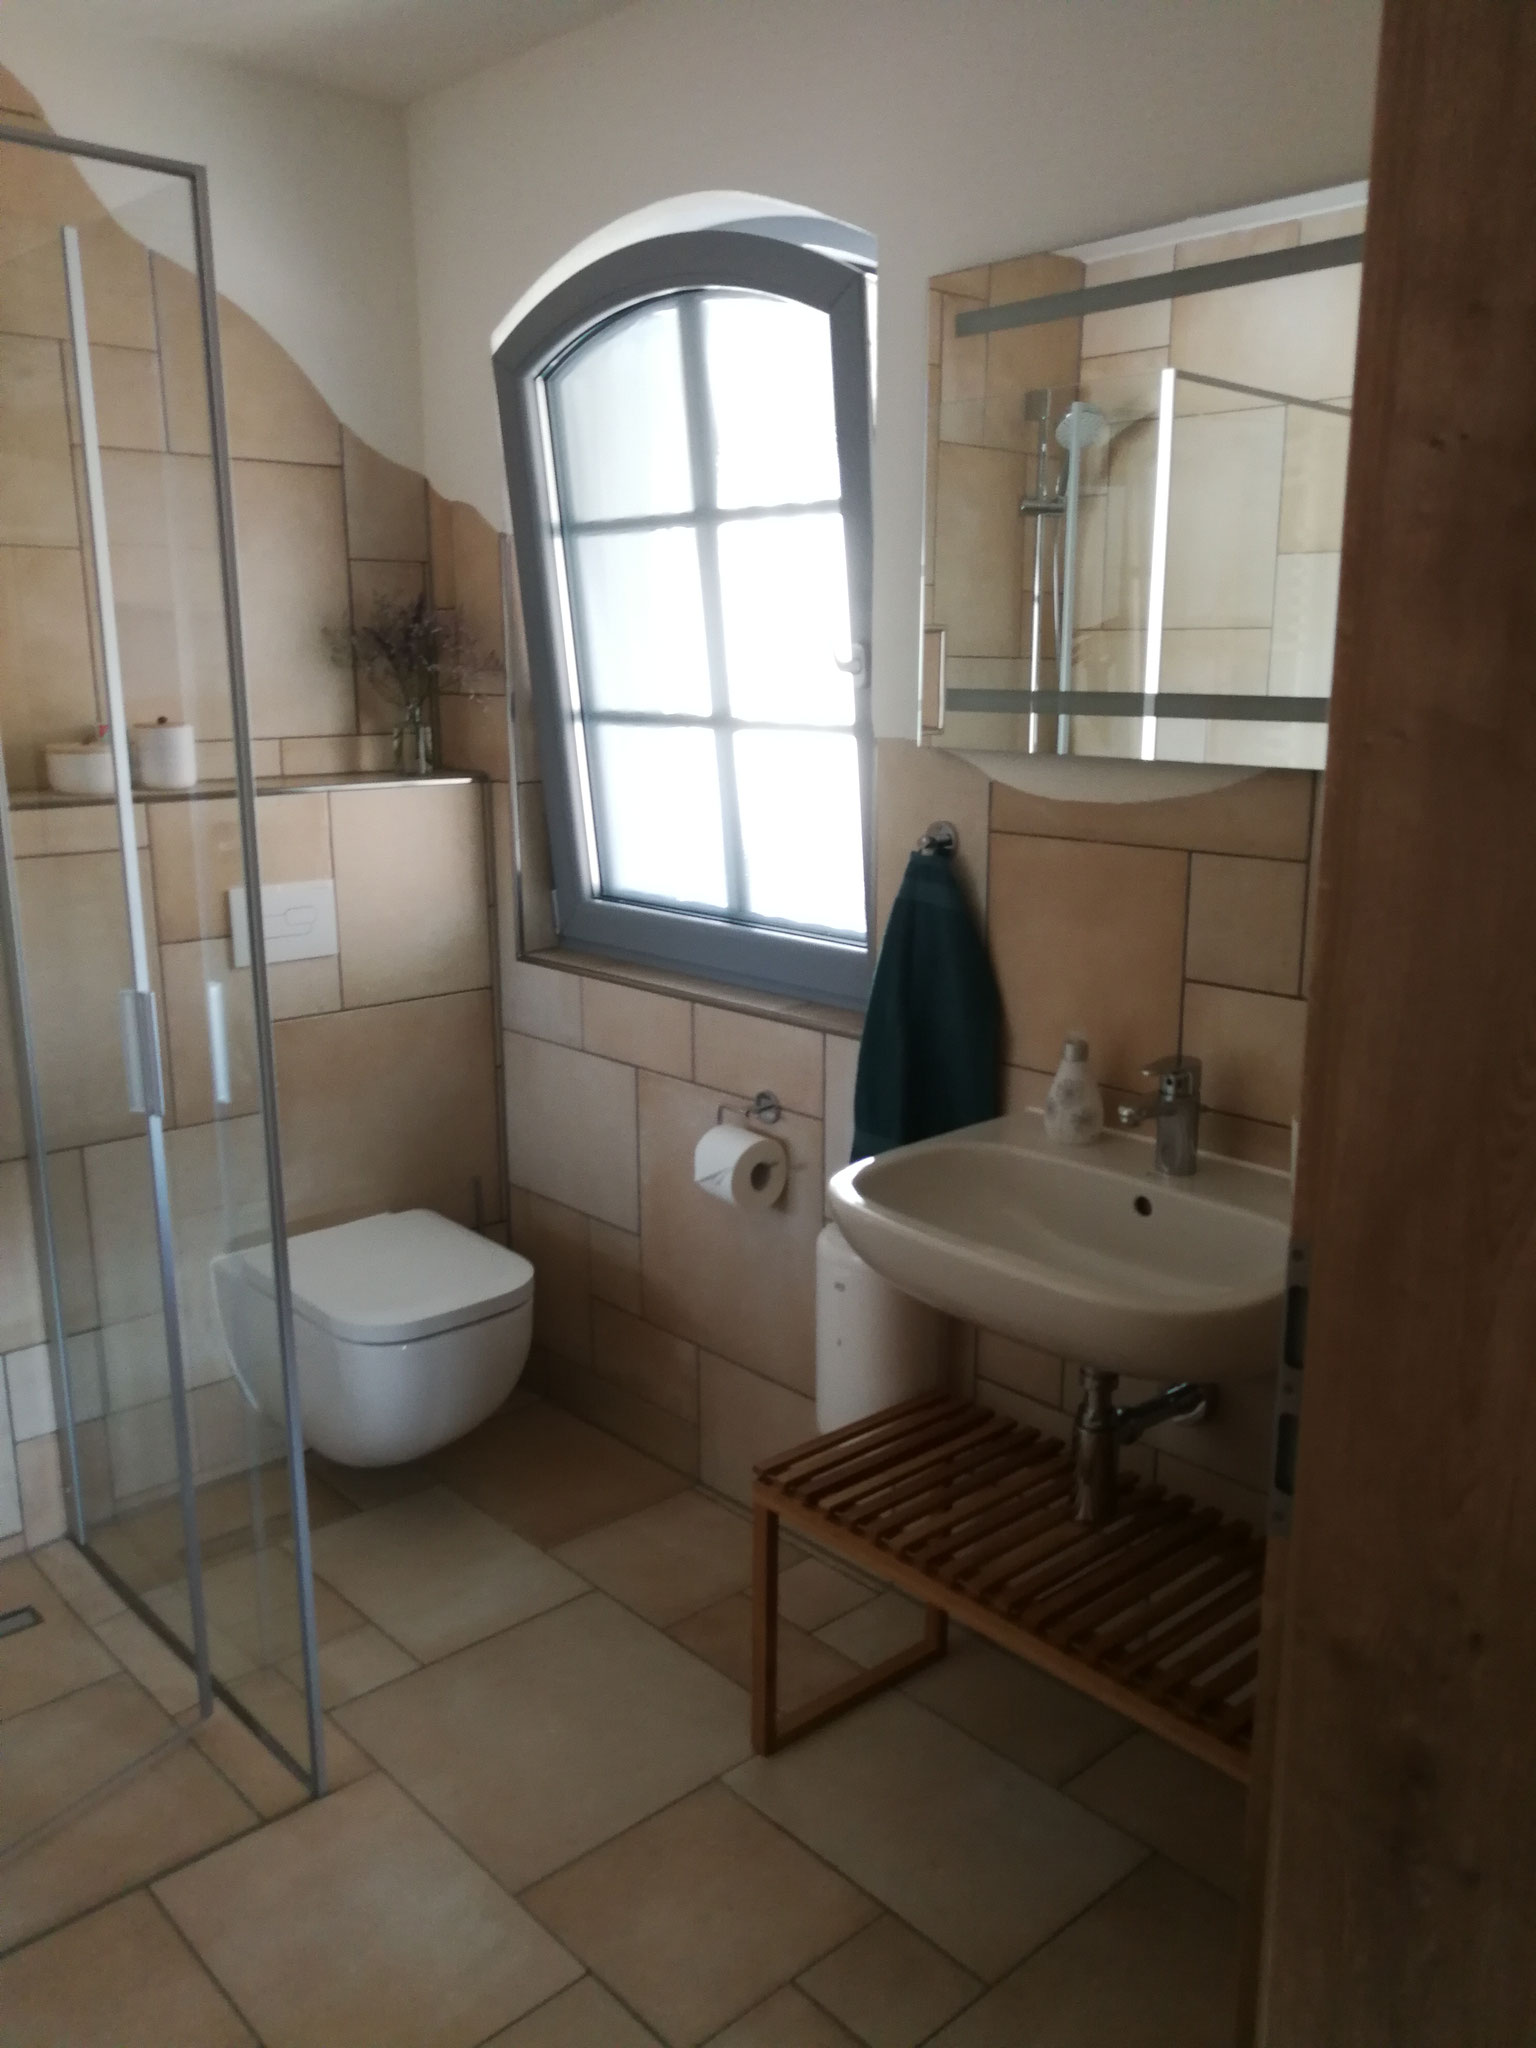 Bad für Schlafzimmer 2